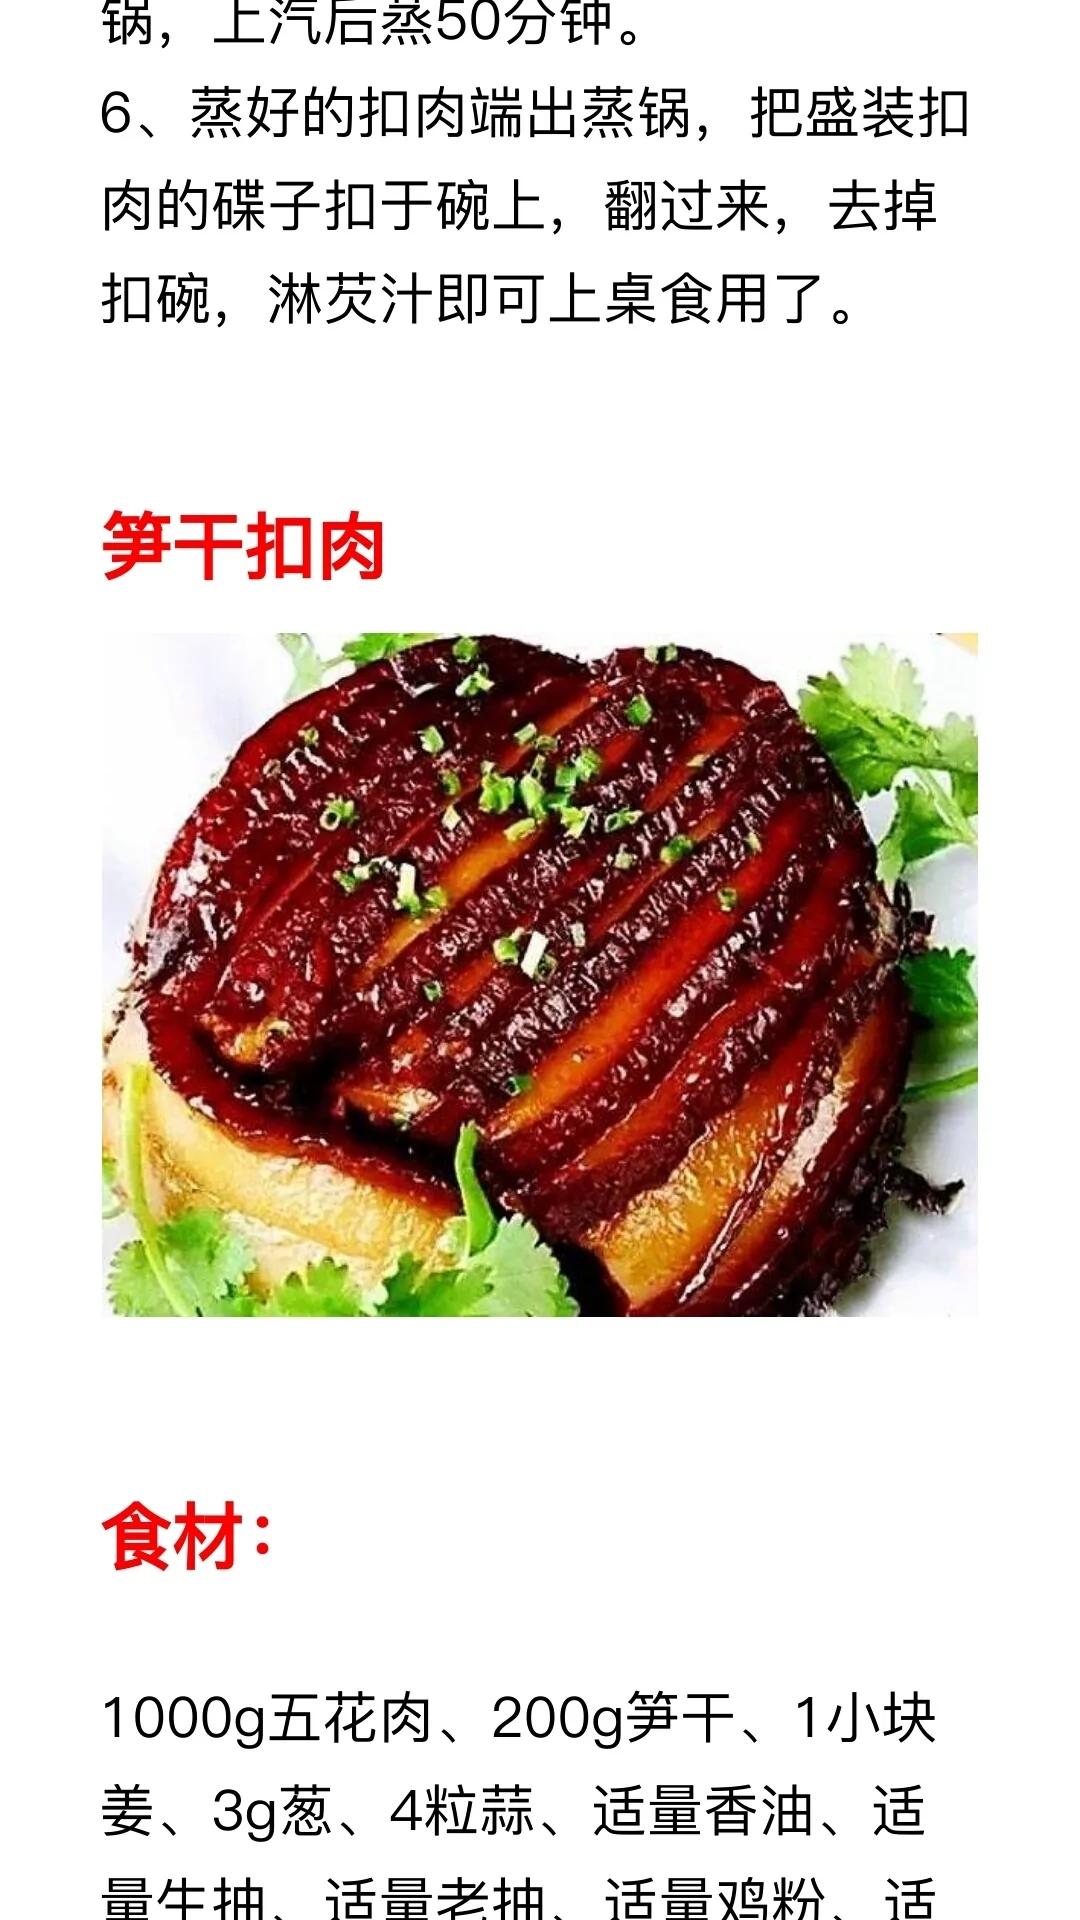 家常扣肉做法及配料 美食做法 第4张